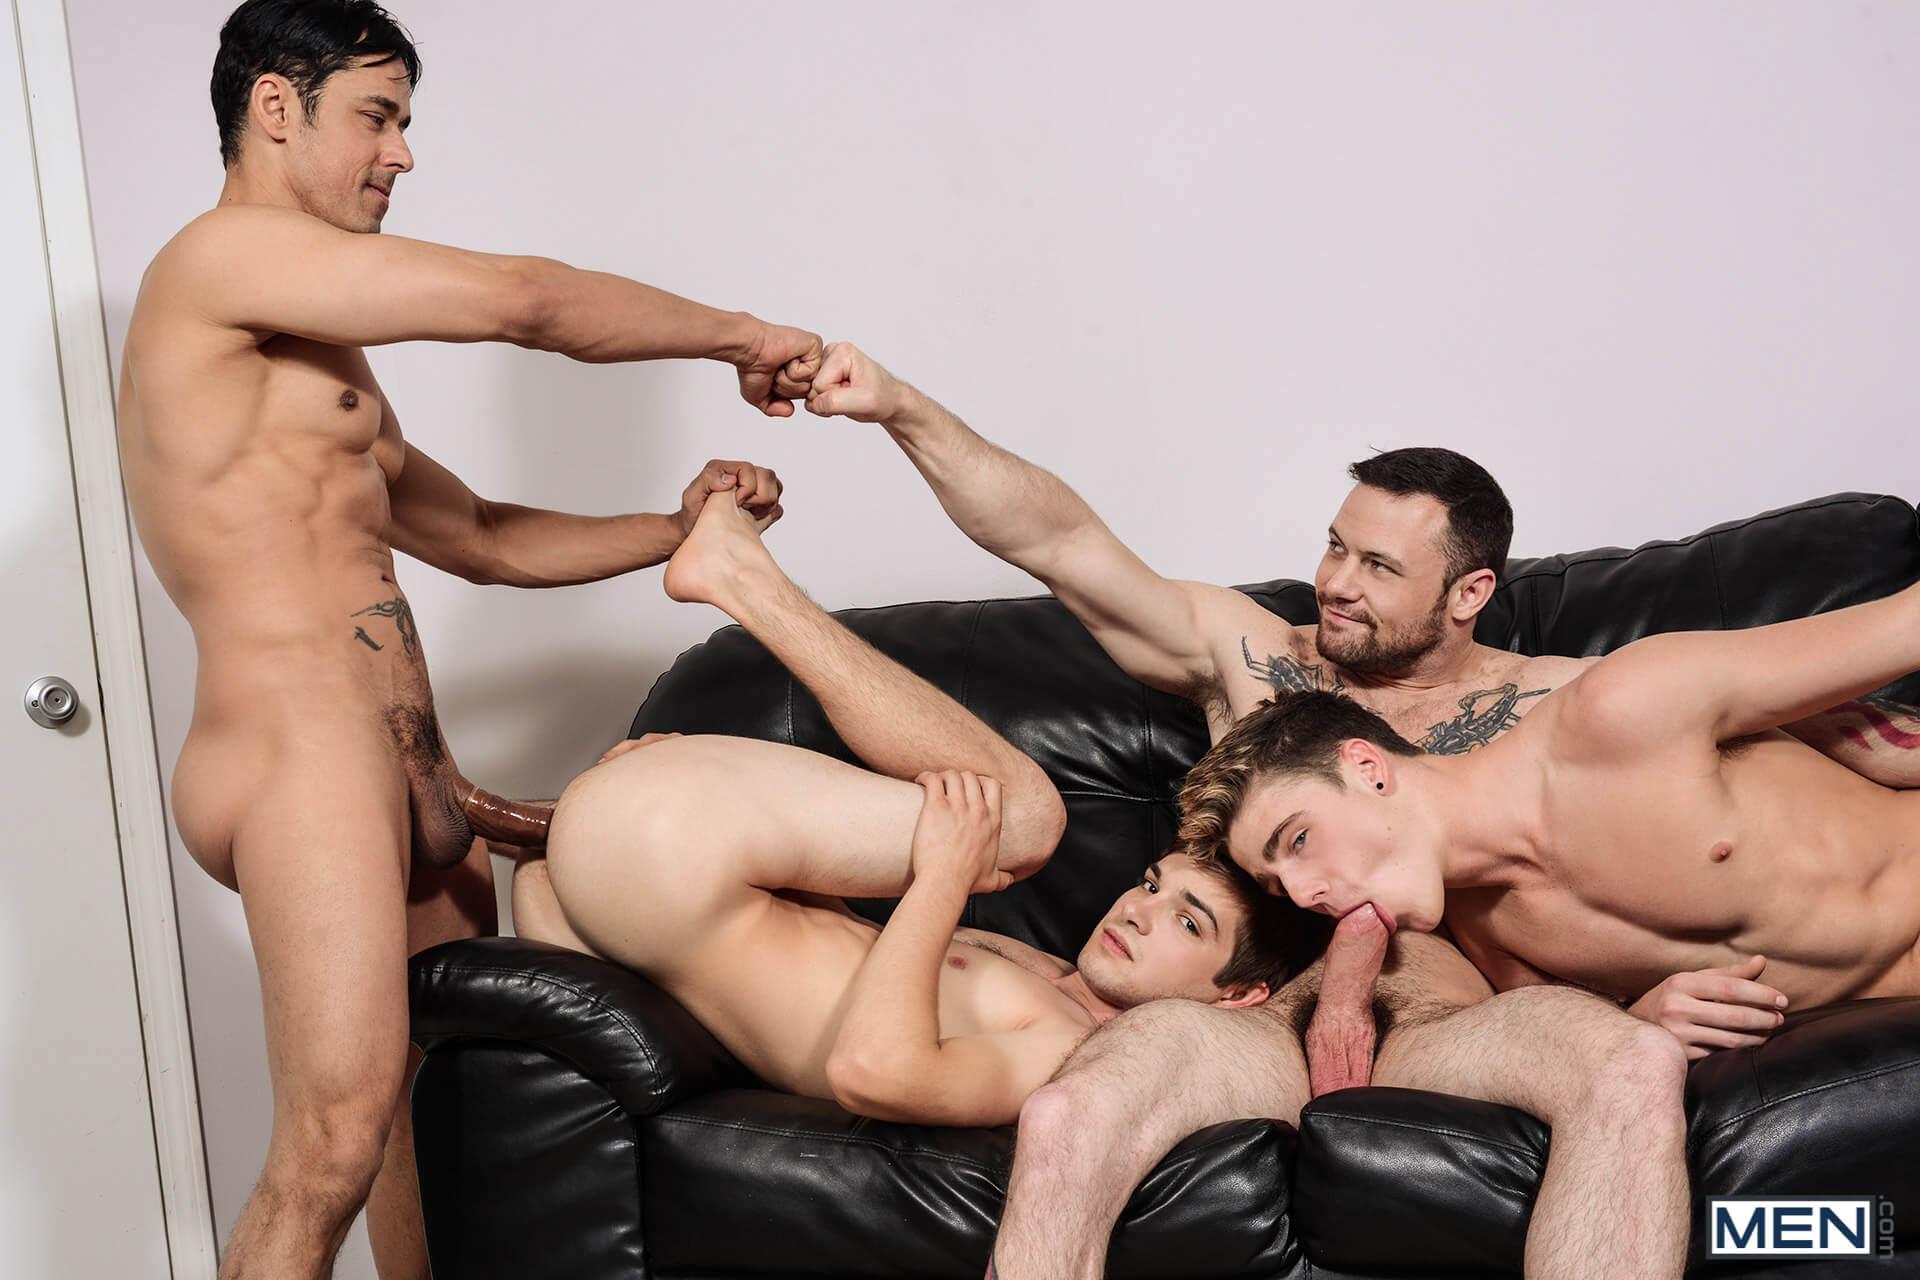 гей порно парней онлайн бесплатно